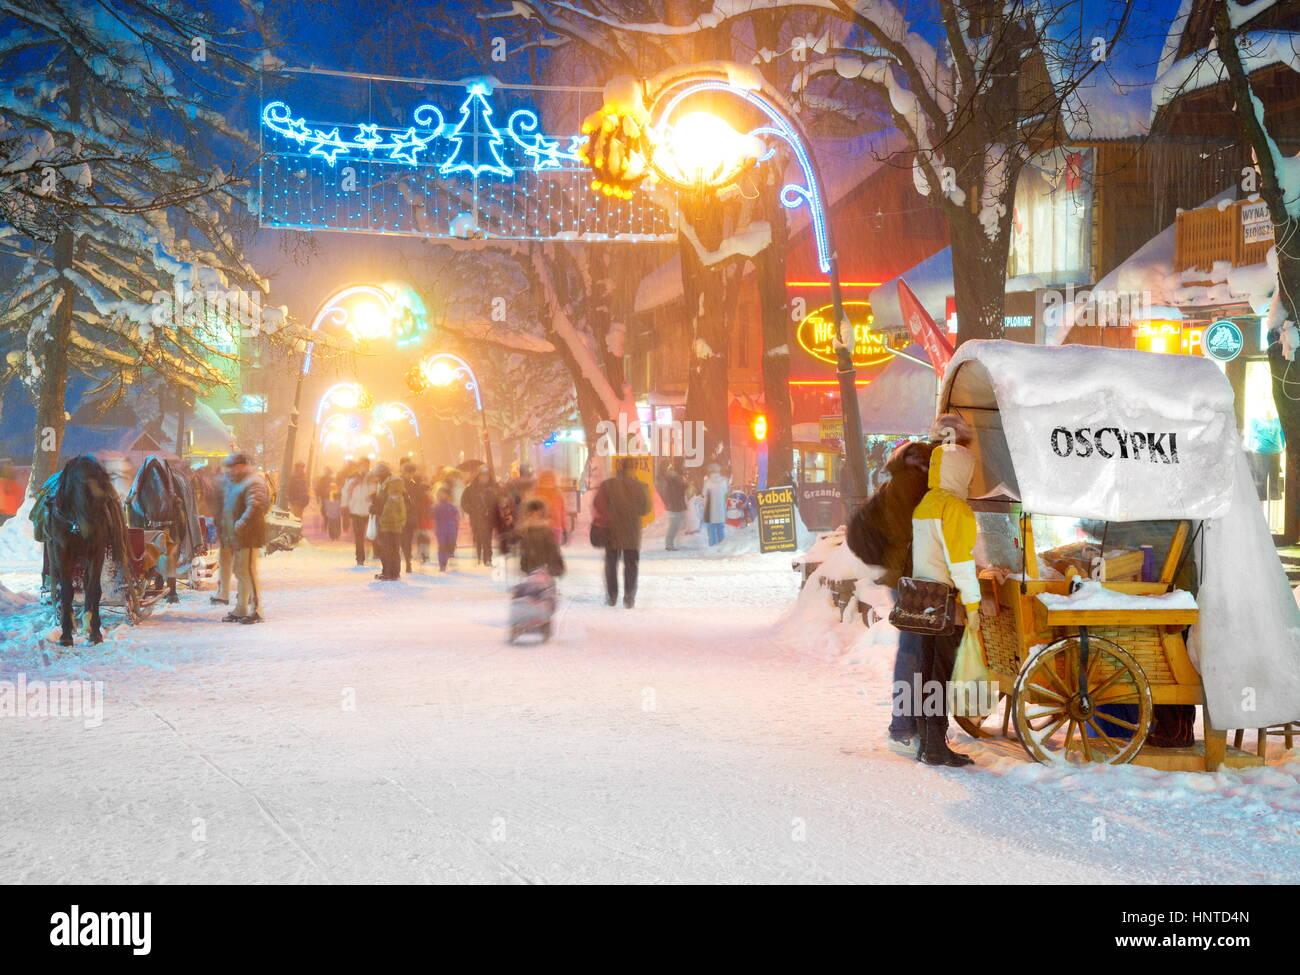 Winter Schnee Stadt zur Weihnachtszeit in Zakopane, Polen Stockbild